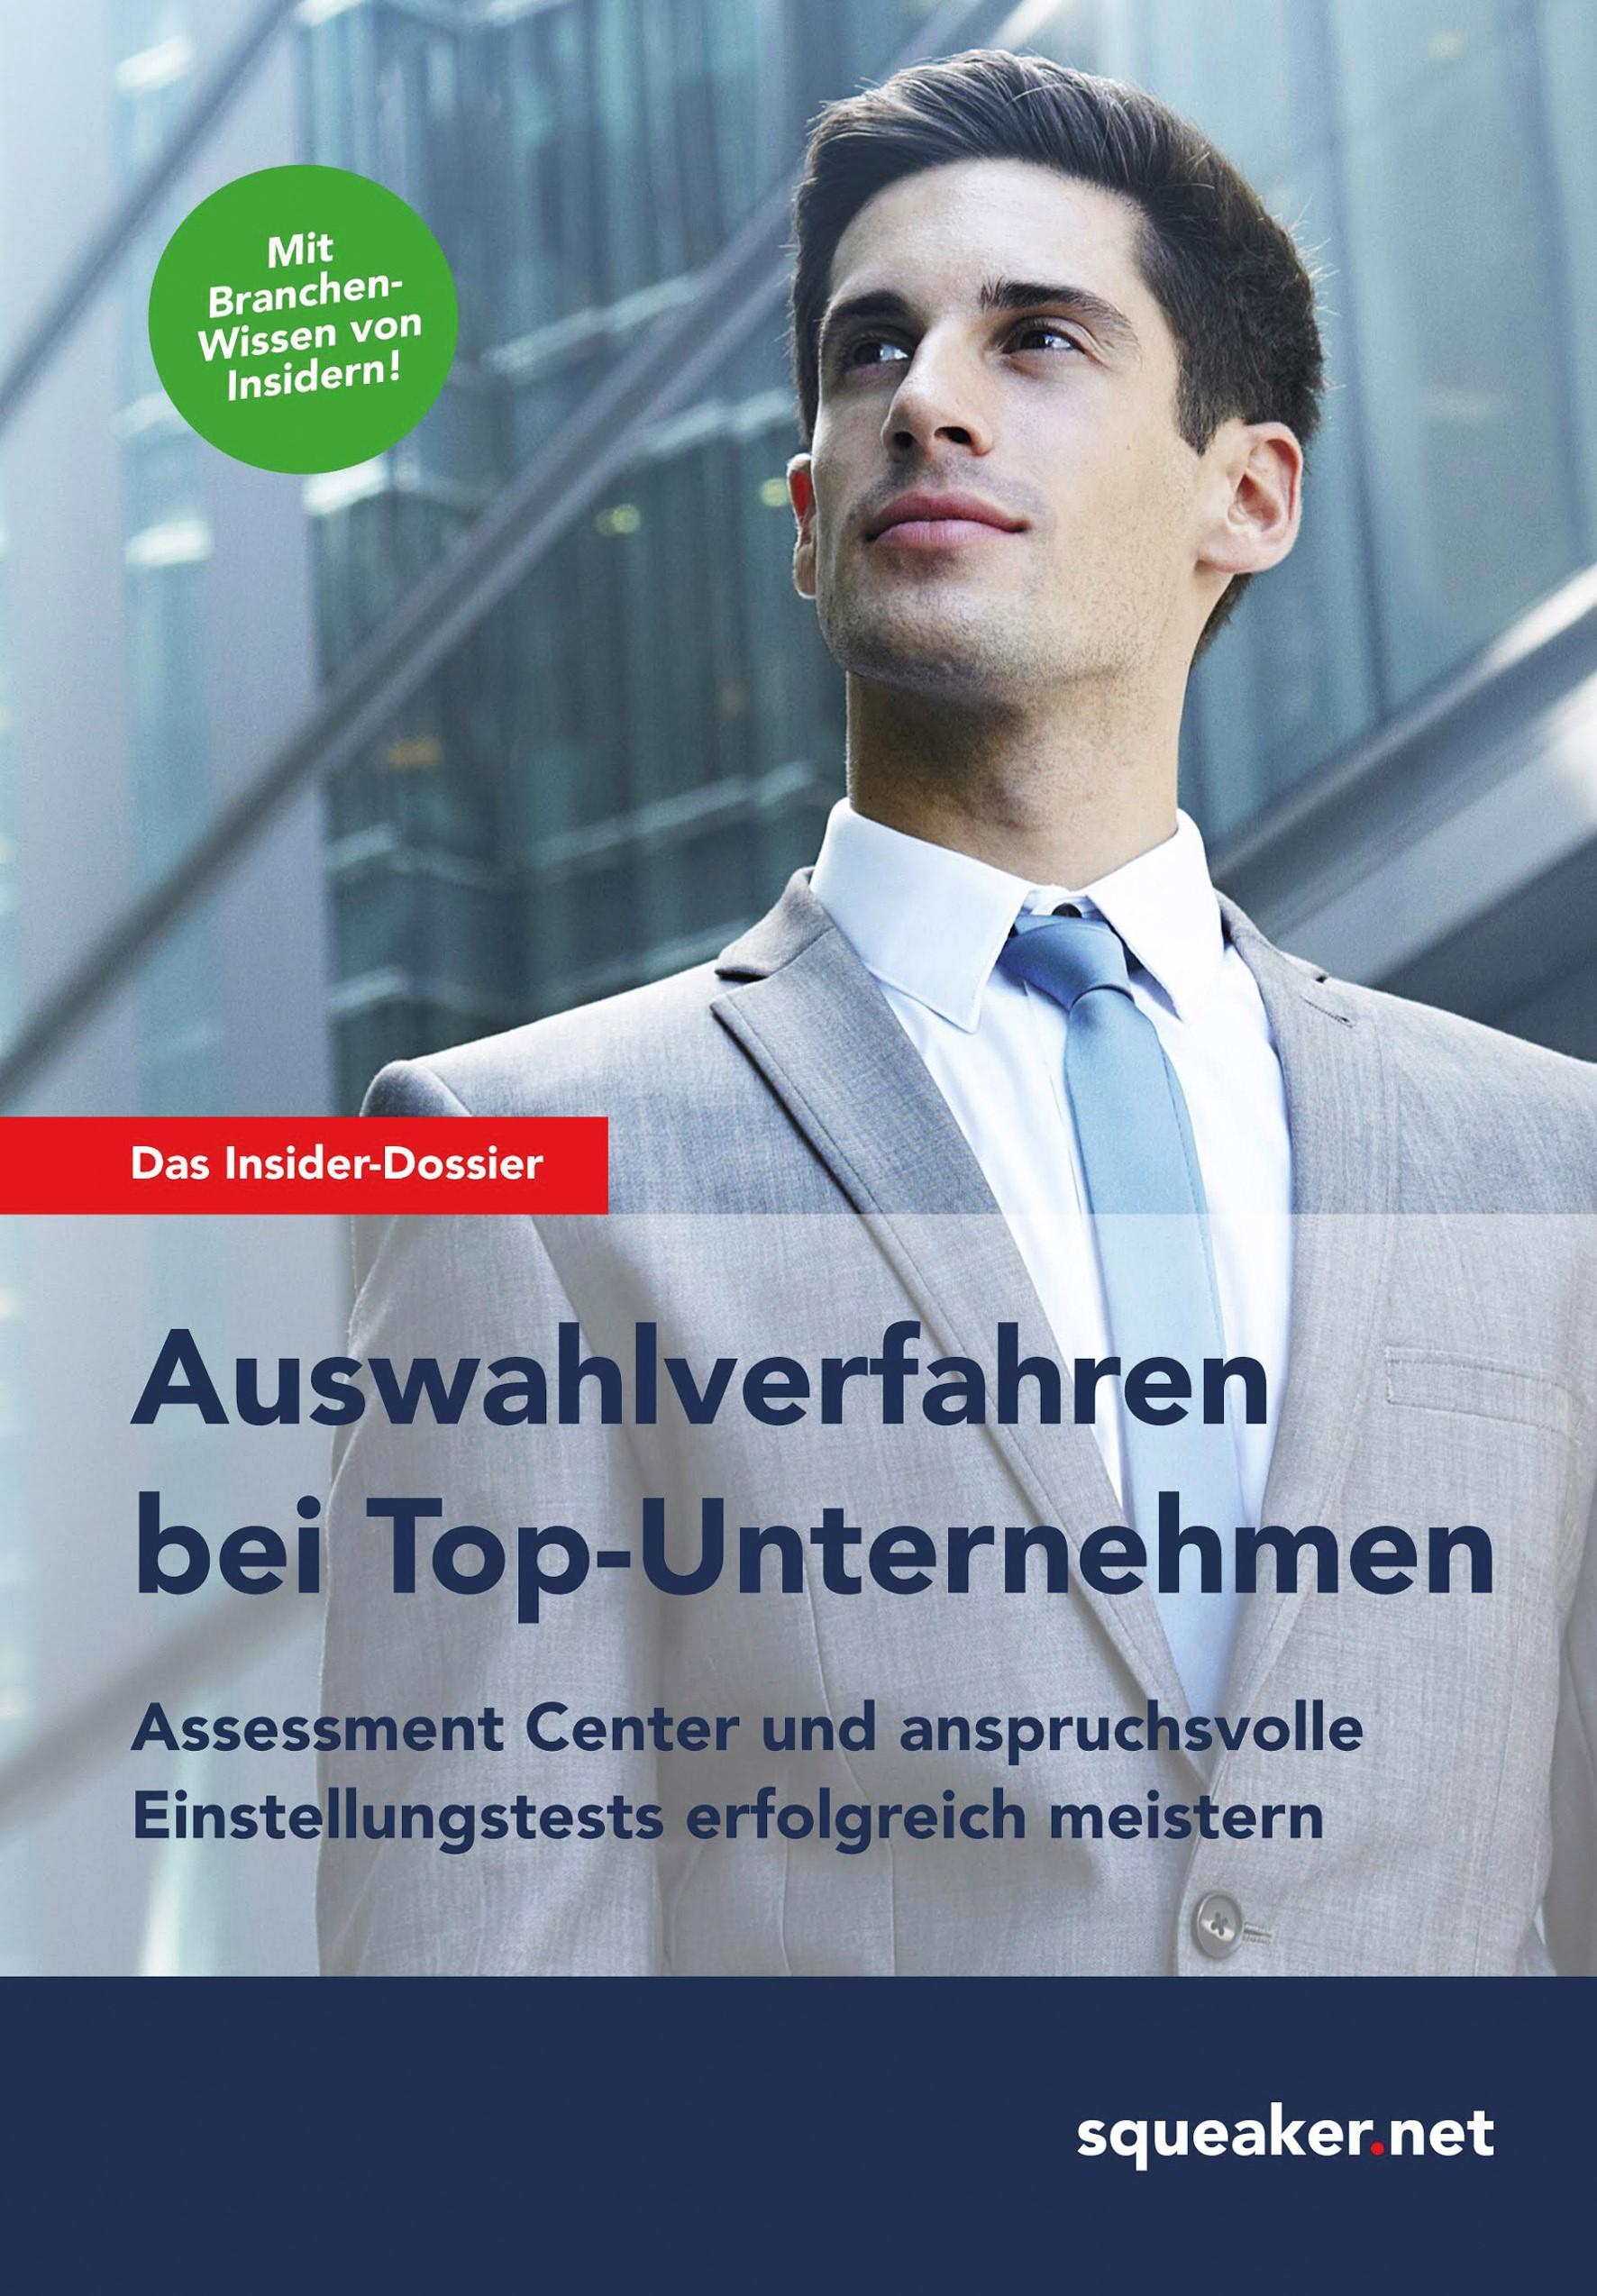 Abbildung von Menden | Das Insider-Dossier: Auswahlverfahren bei Top-Unternehmen | 2017